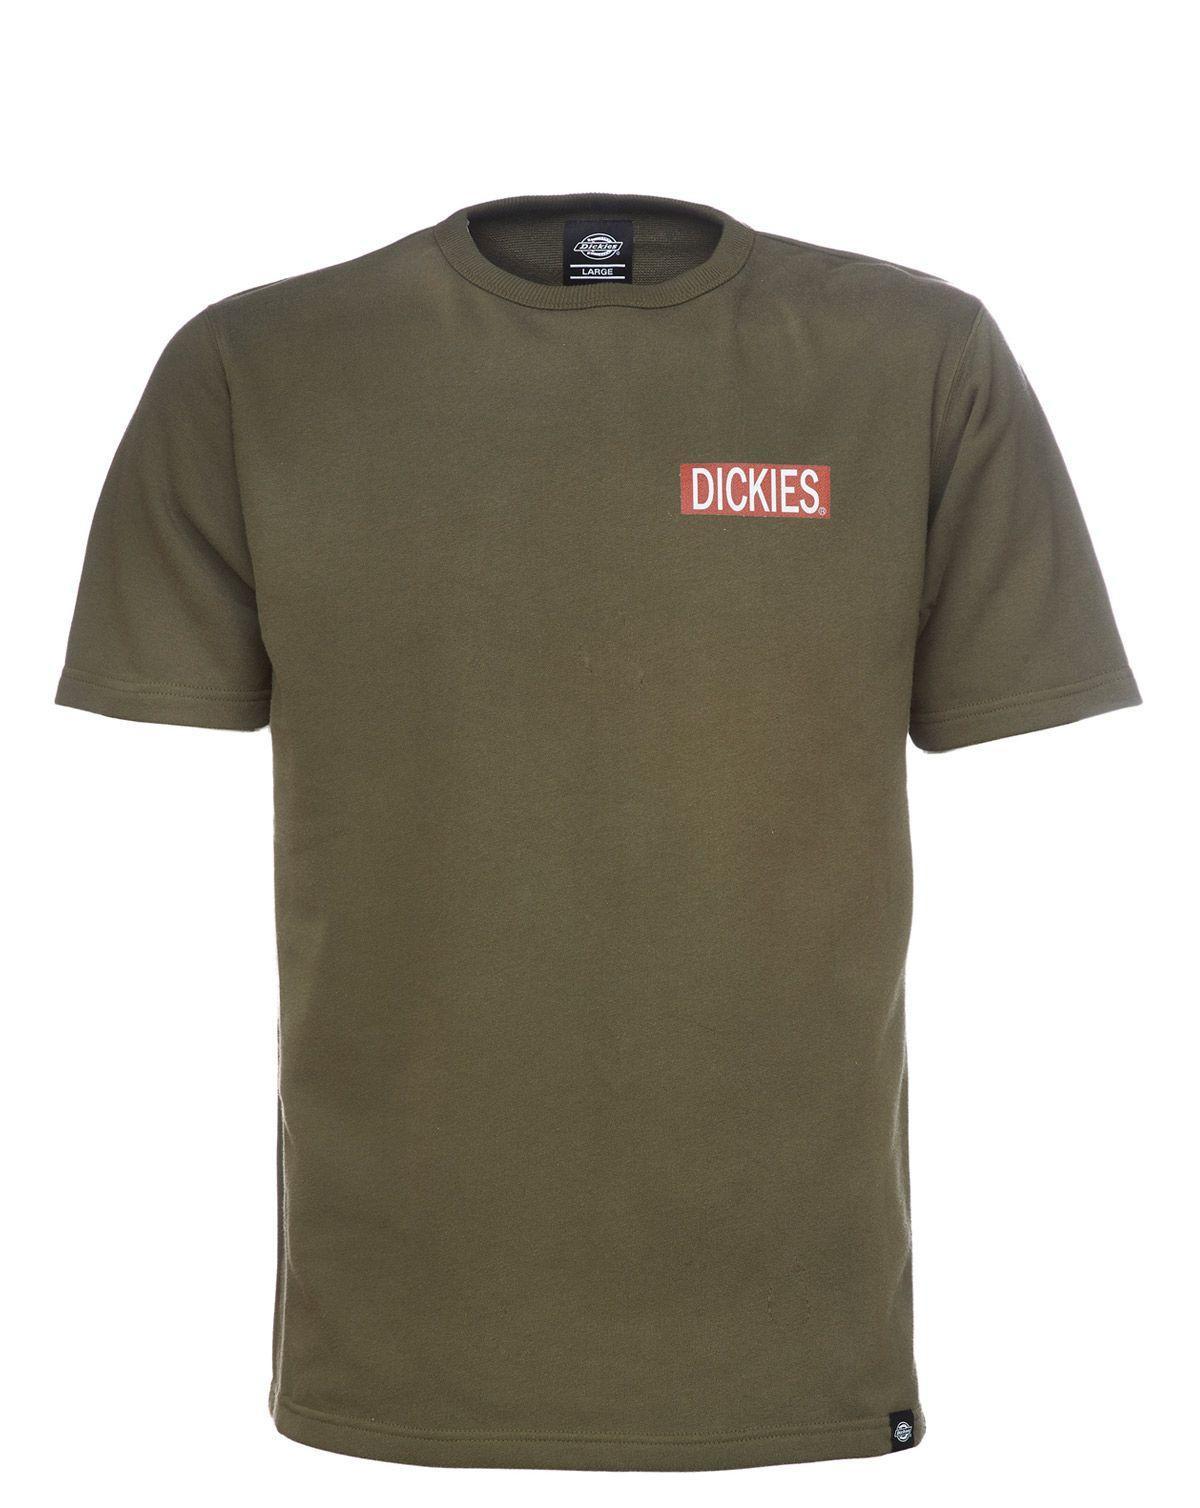 Dickies Clarkedale Short Sleeve Sweatshirt (Dark Olive, XL)